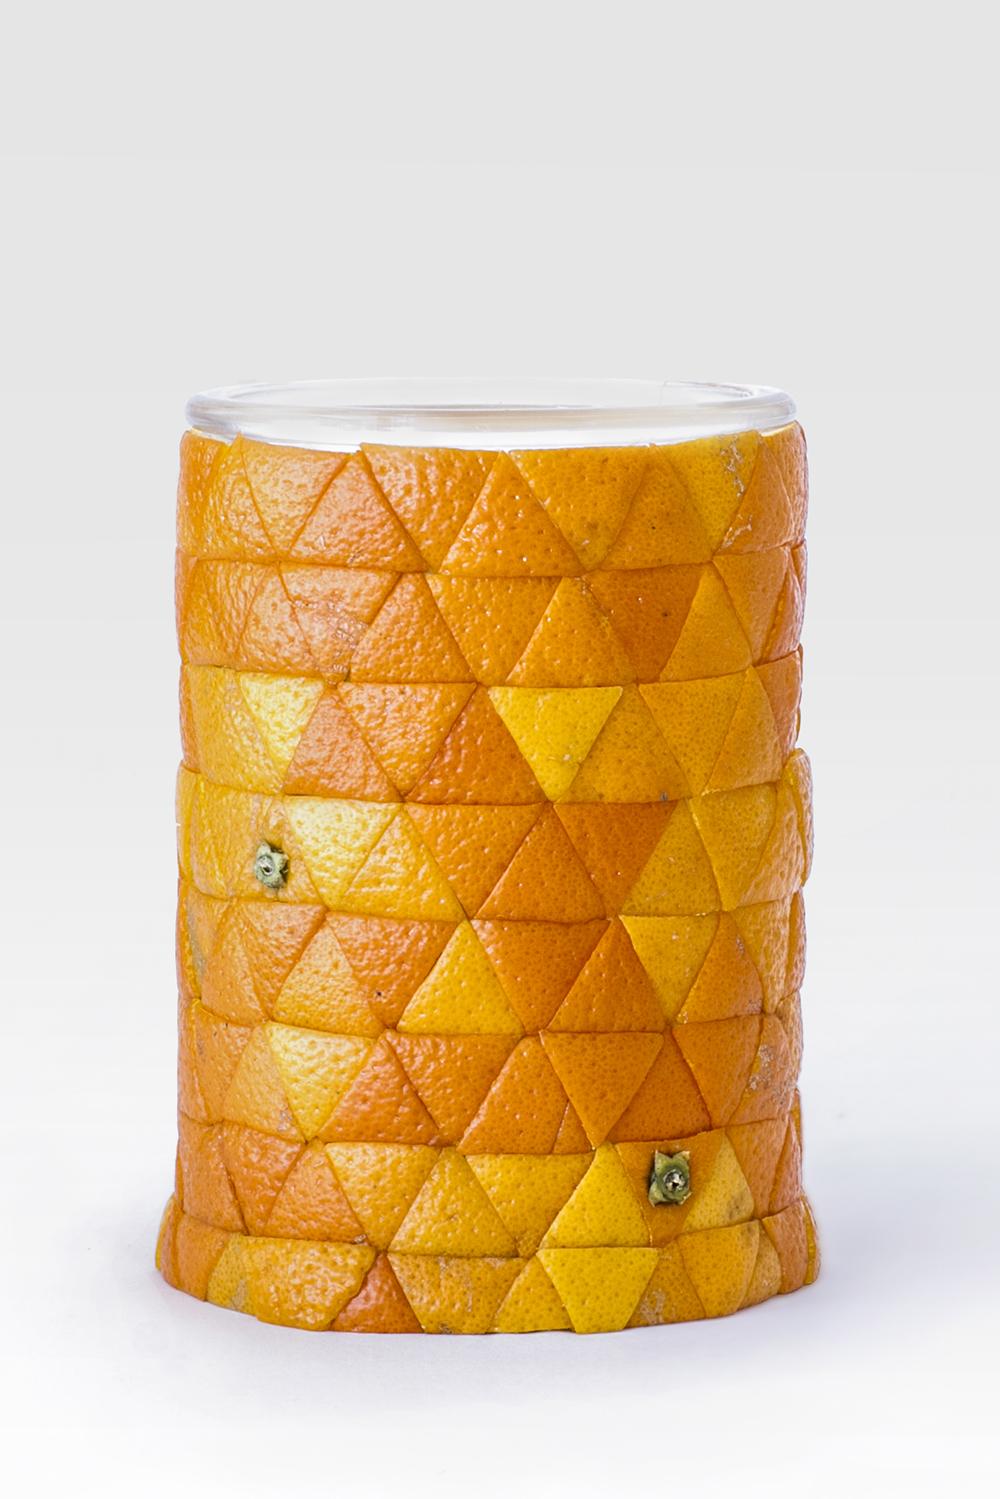 mathery_fruitwares_orangejar